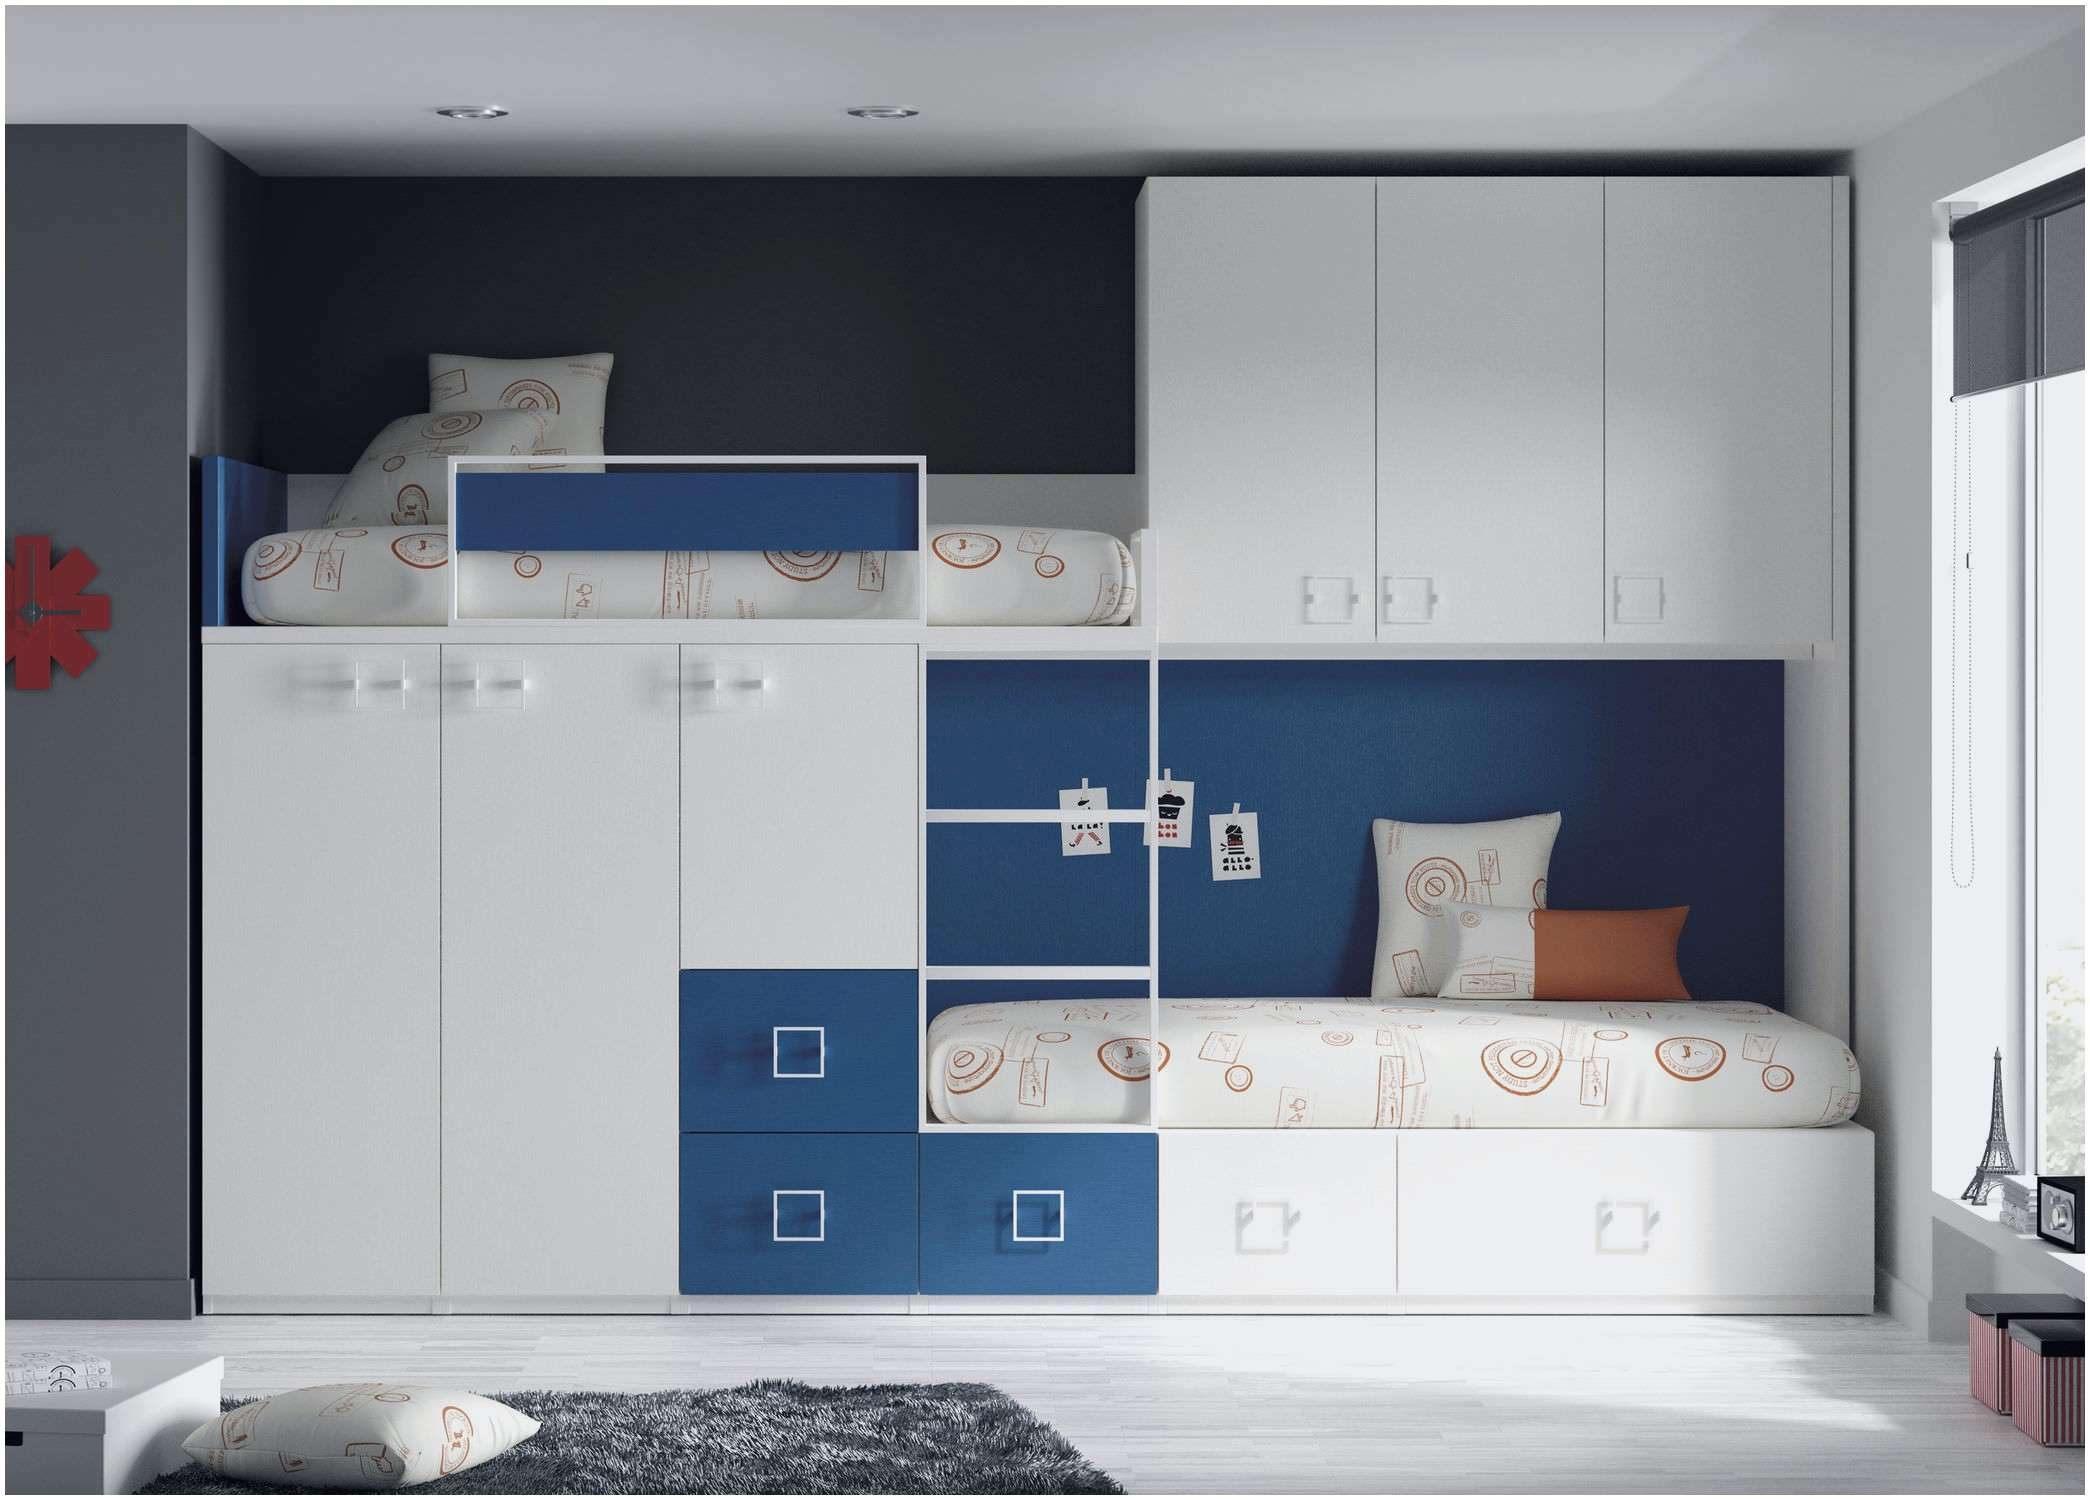 Lit Superposé Ado Le Luxe Frais Lit Mezzanine Ikea 2 Places Pour Alternative Lit Superposé